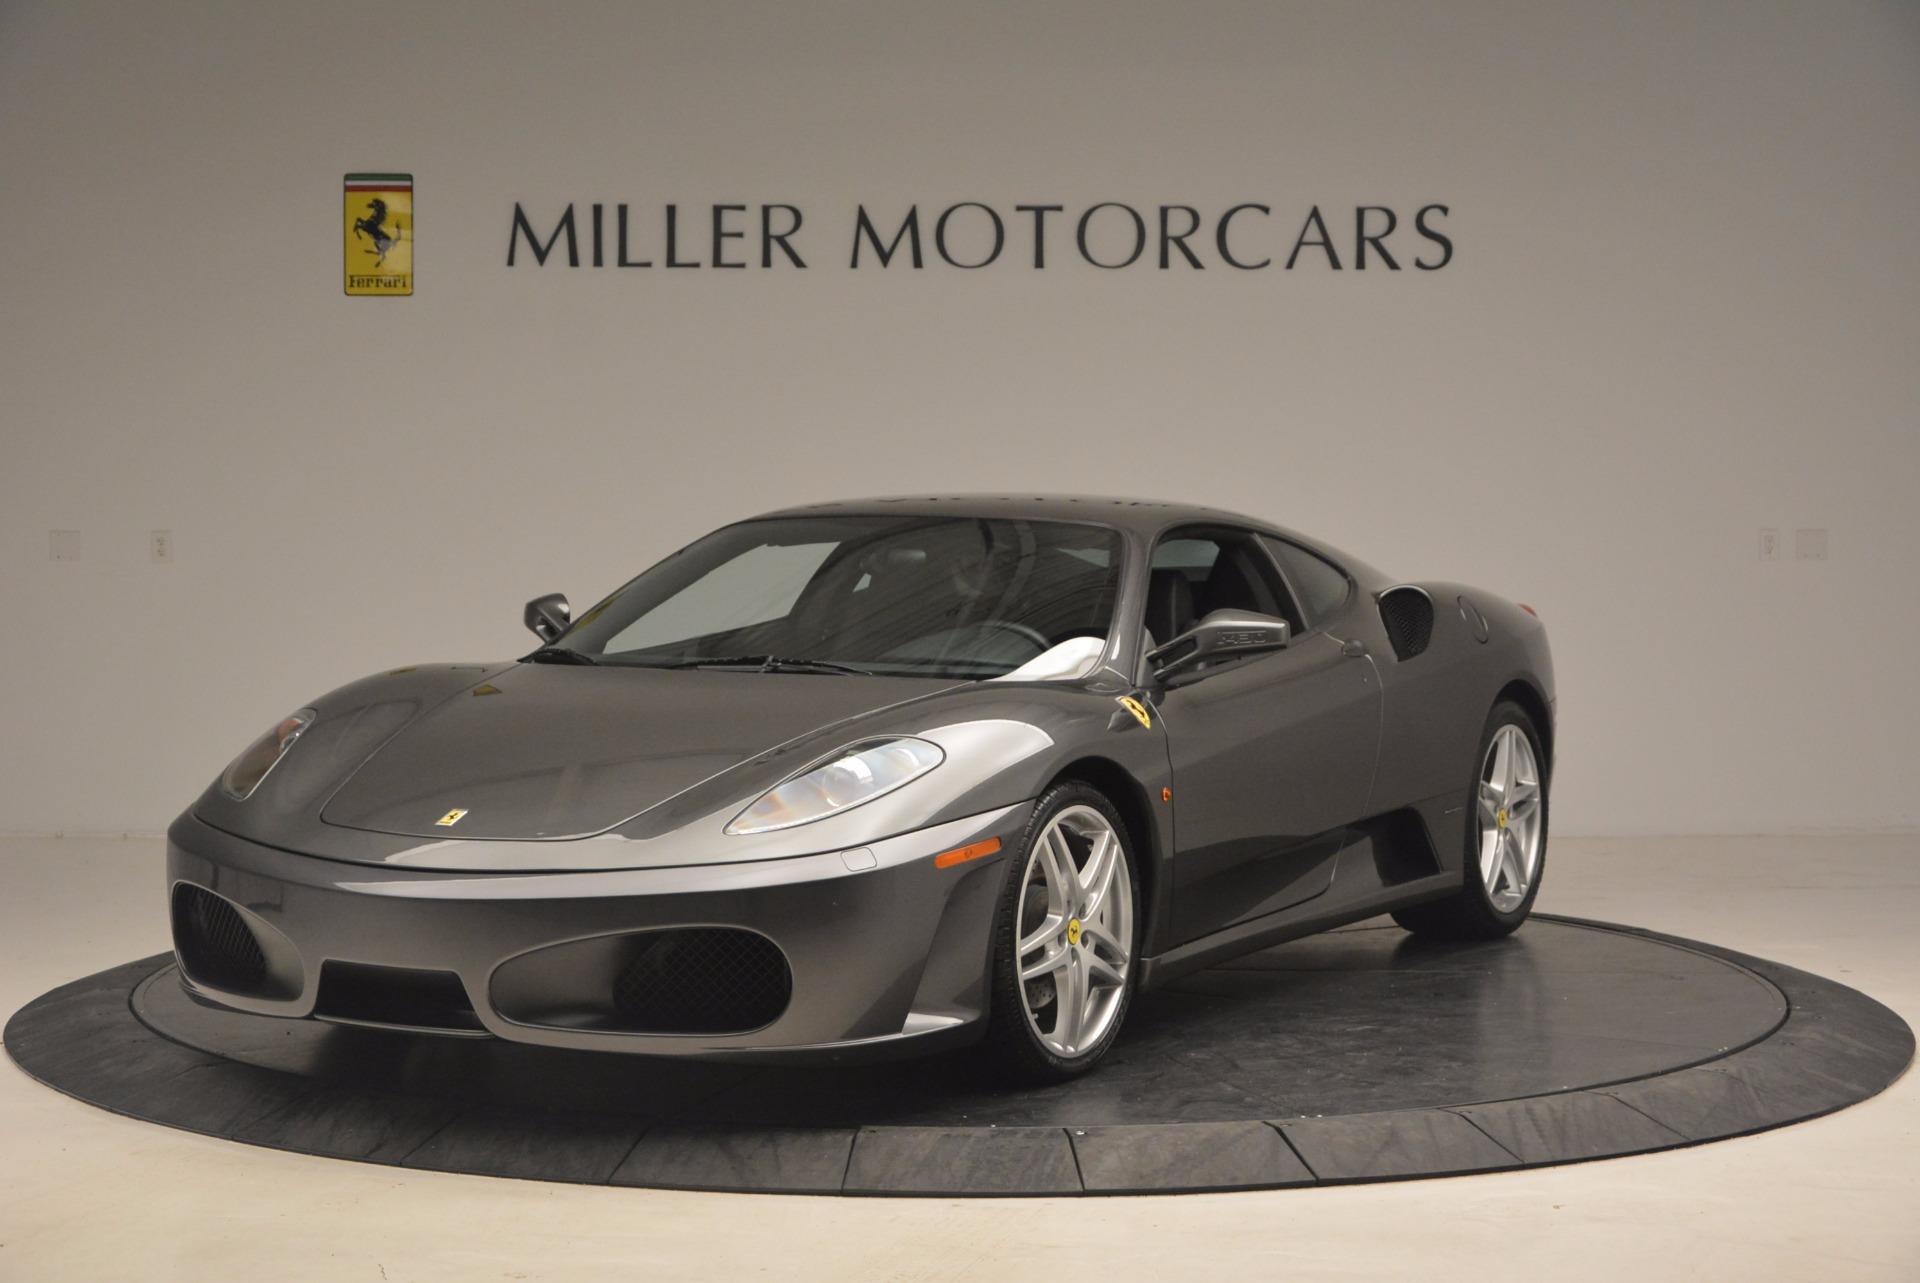 Used 2005 Ferrari F430 6-Speed Manual for sale Sold at Alfa Romeo of Westport in Westport CT 06880 1